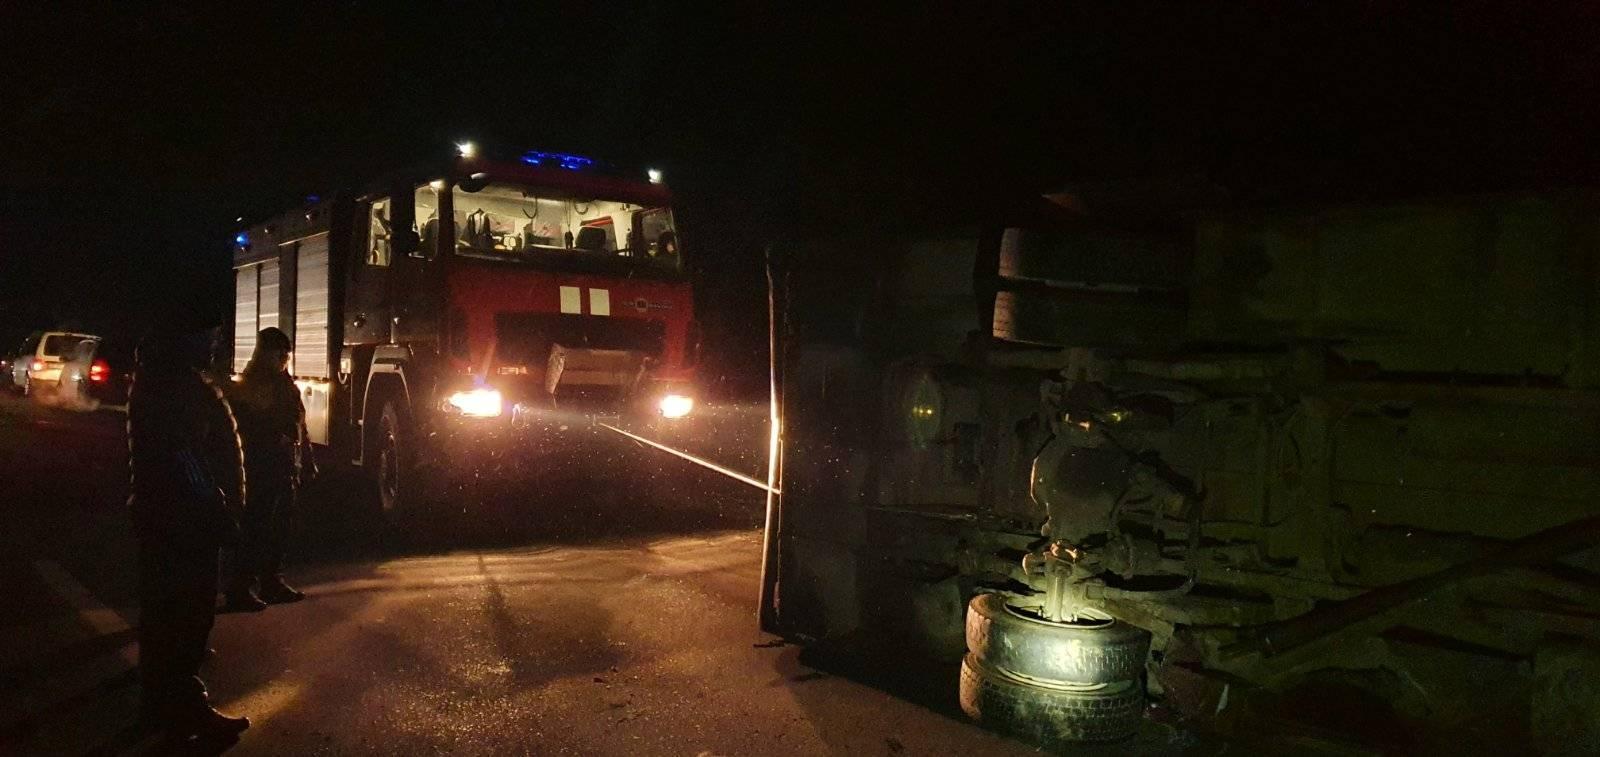 16 січня о 02:39 до рятувальників надійшло повідомлення про дорожньо-транспортну пригоду за участі легкового автомобіля